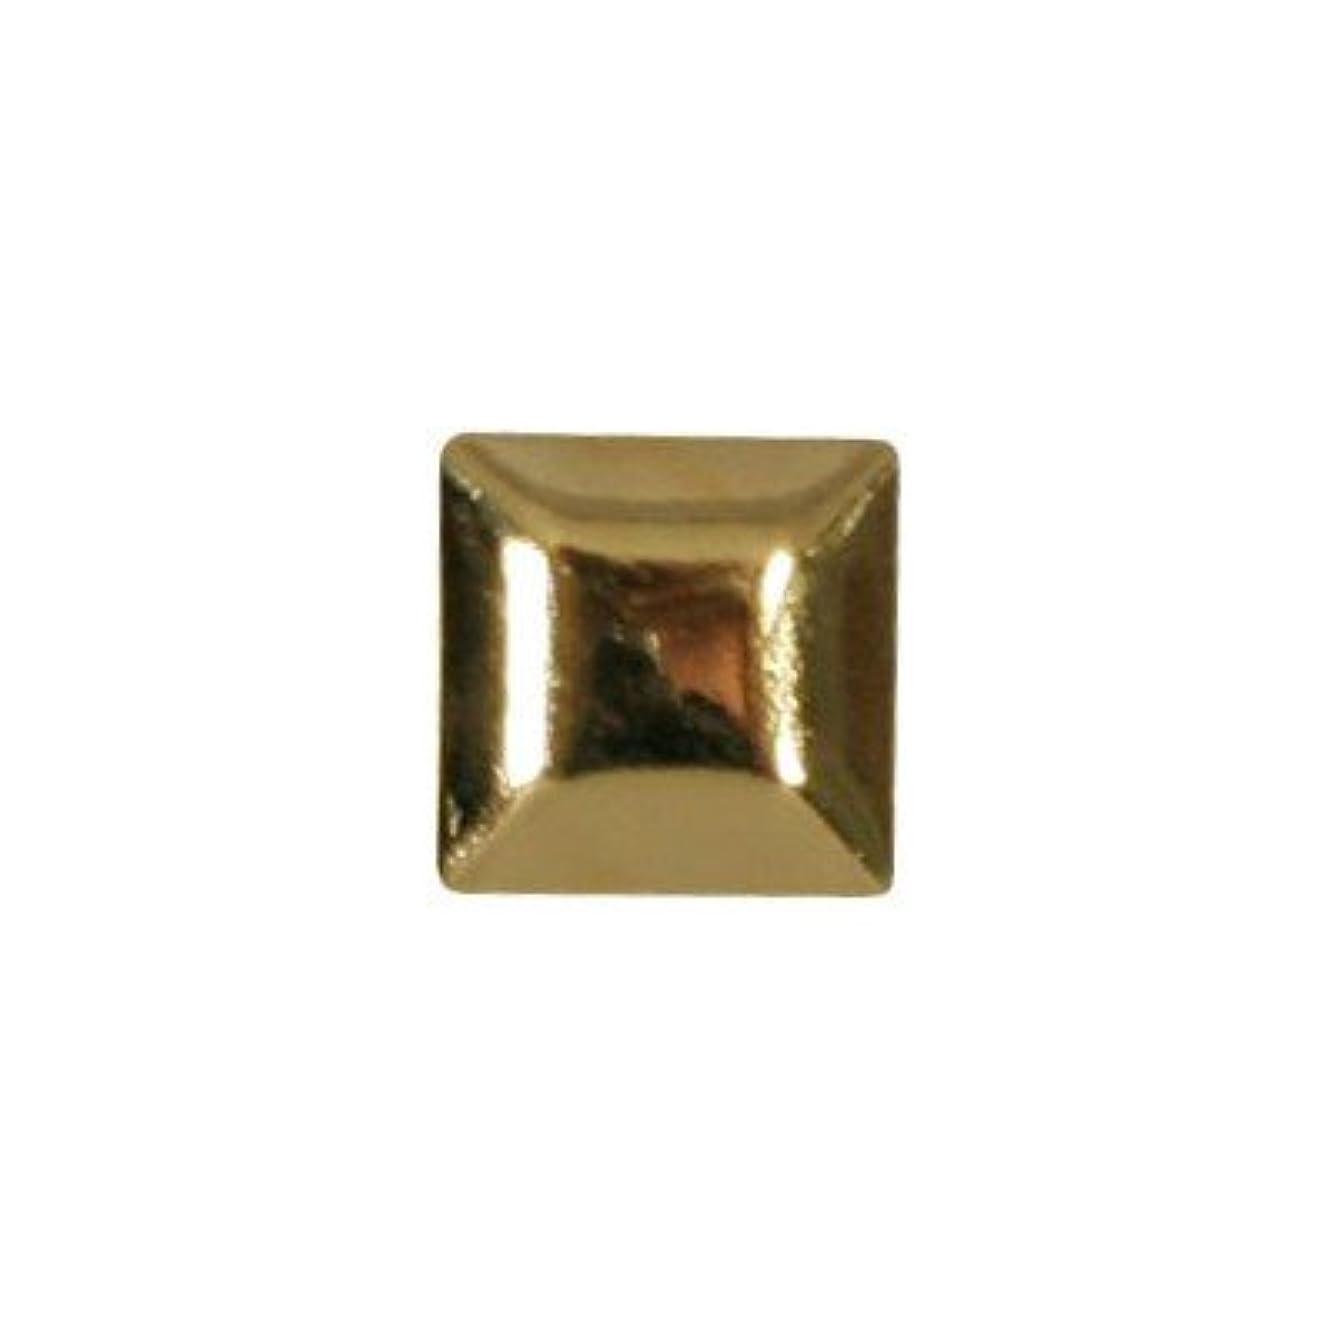 悪化させる火山学困惑ピアドラ スタッズ メタルスクエア 4mm 30P ゴールド